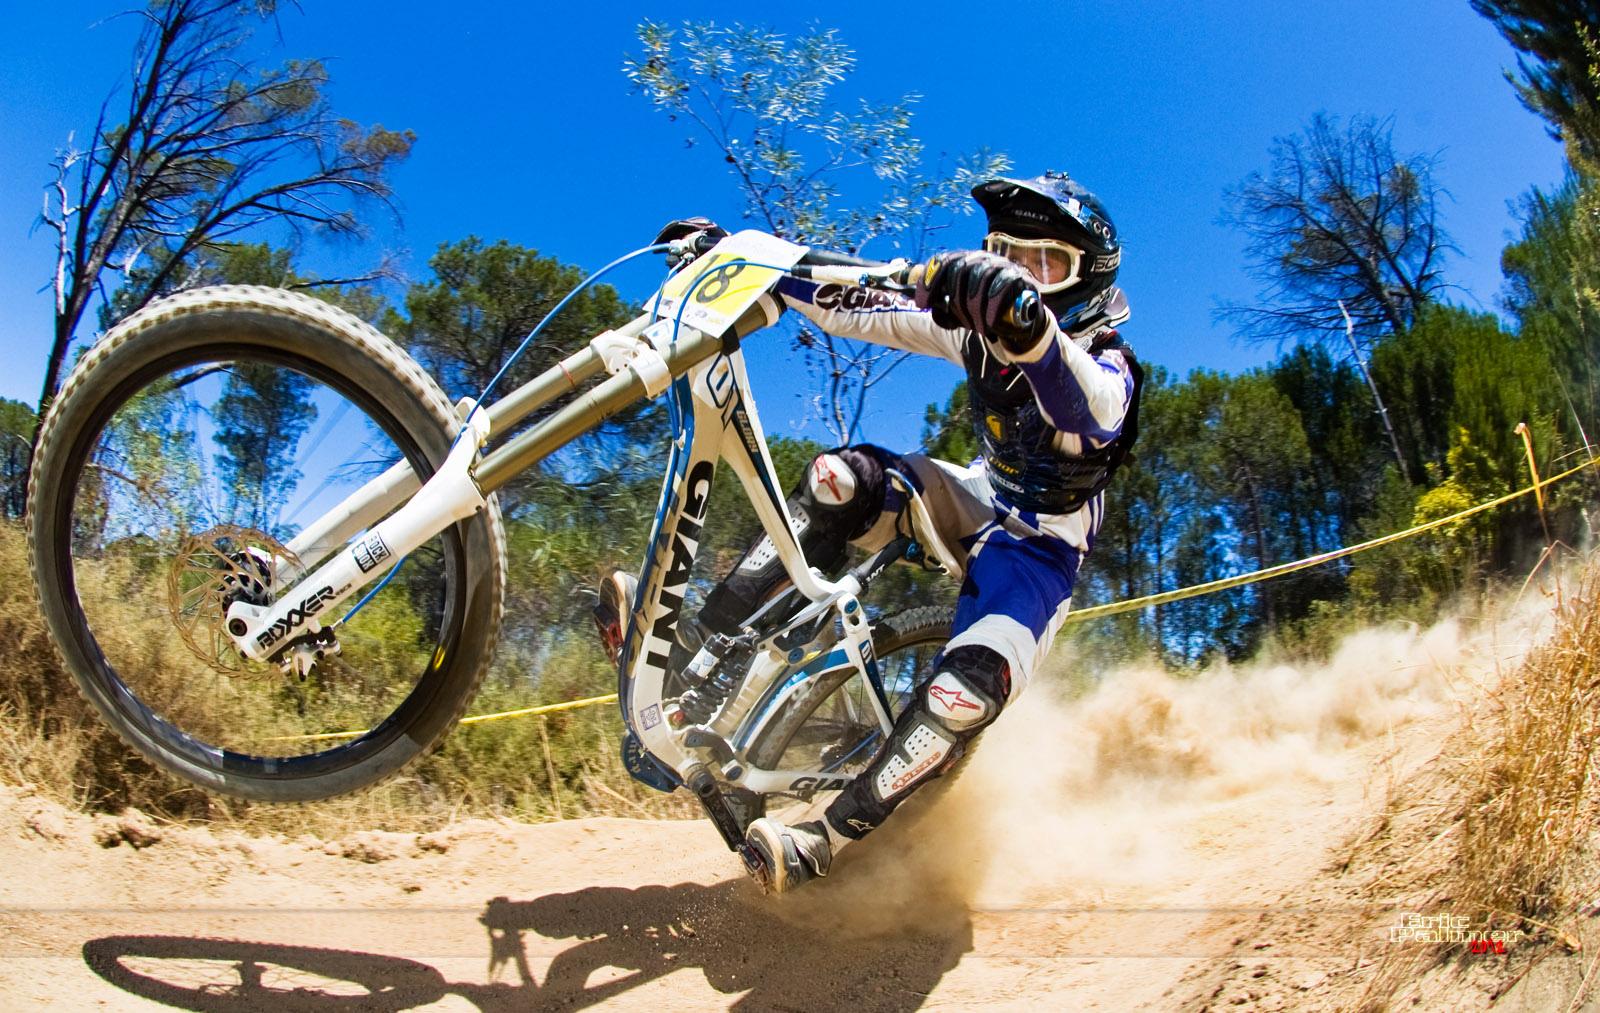 http://2.bp.blogspot.com/-8N8K2xFc-x8/T1SWqbWKsMI/AAAAAAAALUg/hSp13JqoKOE/s1600/mountain-biking-downhill.jpg